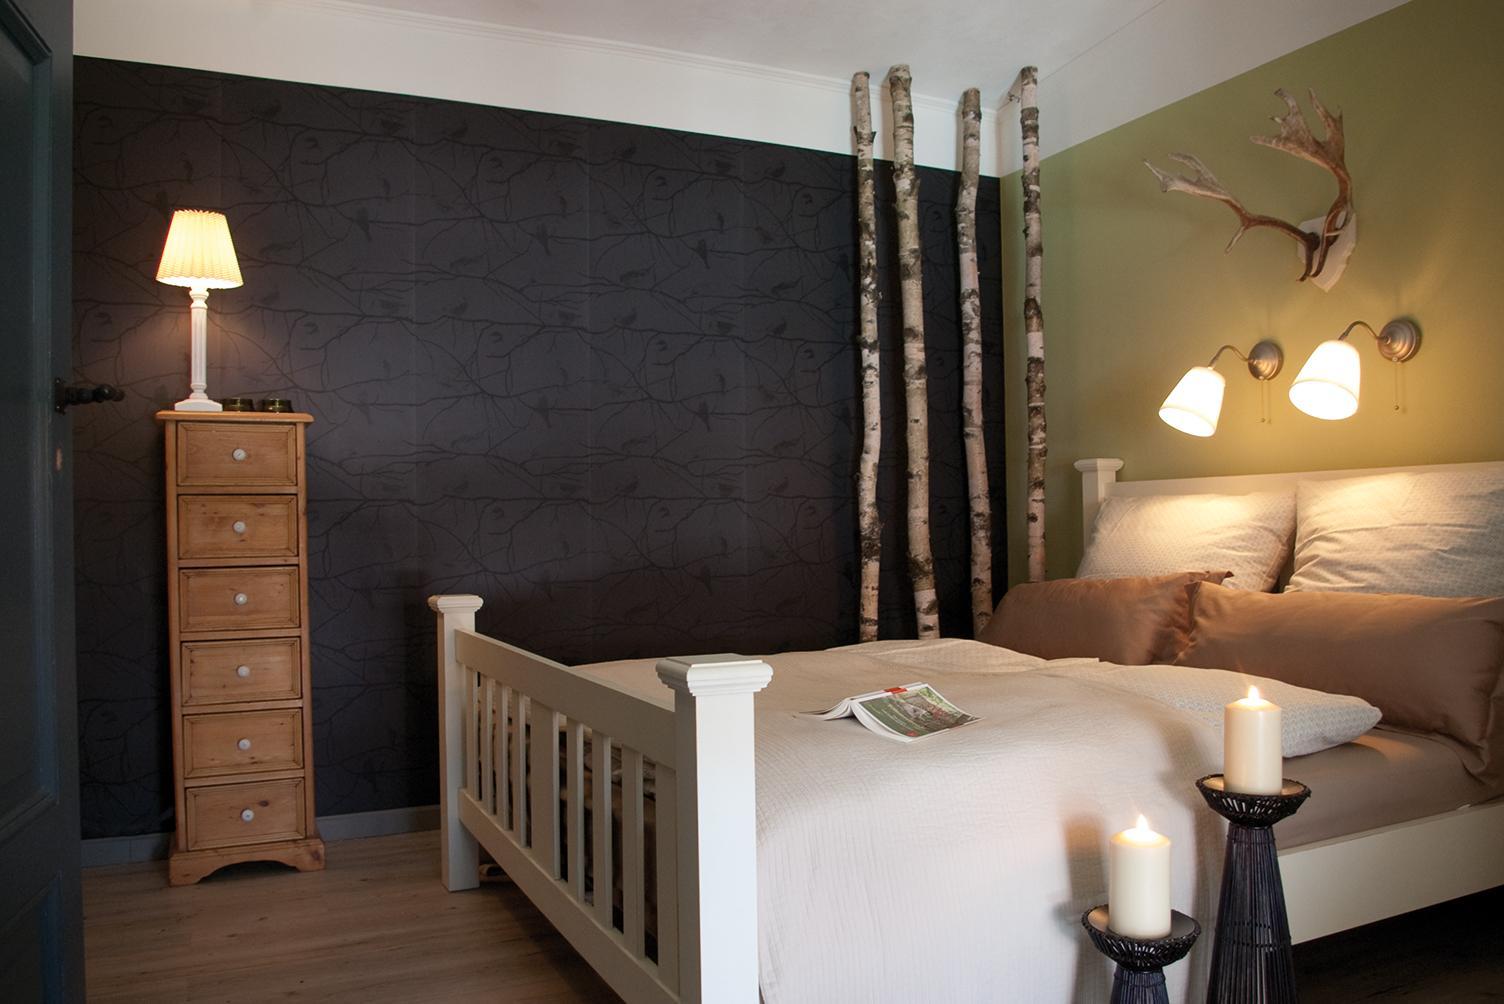 farbberatung • bilder & ideen • couchstyle, Wohnzimmer